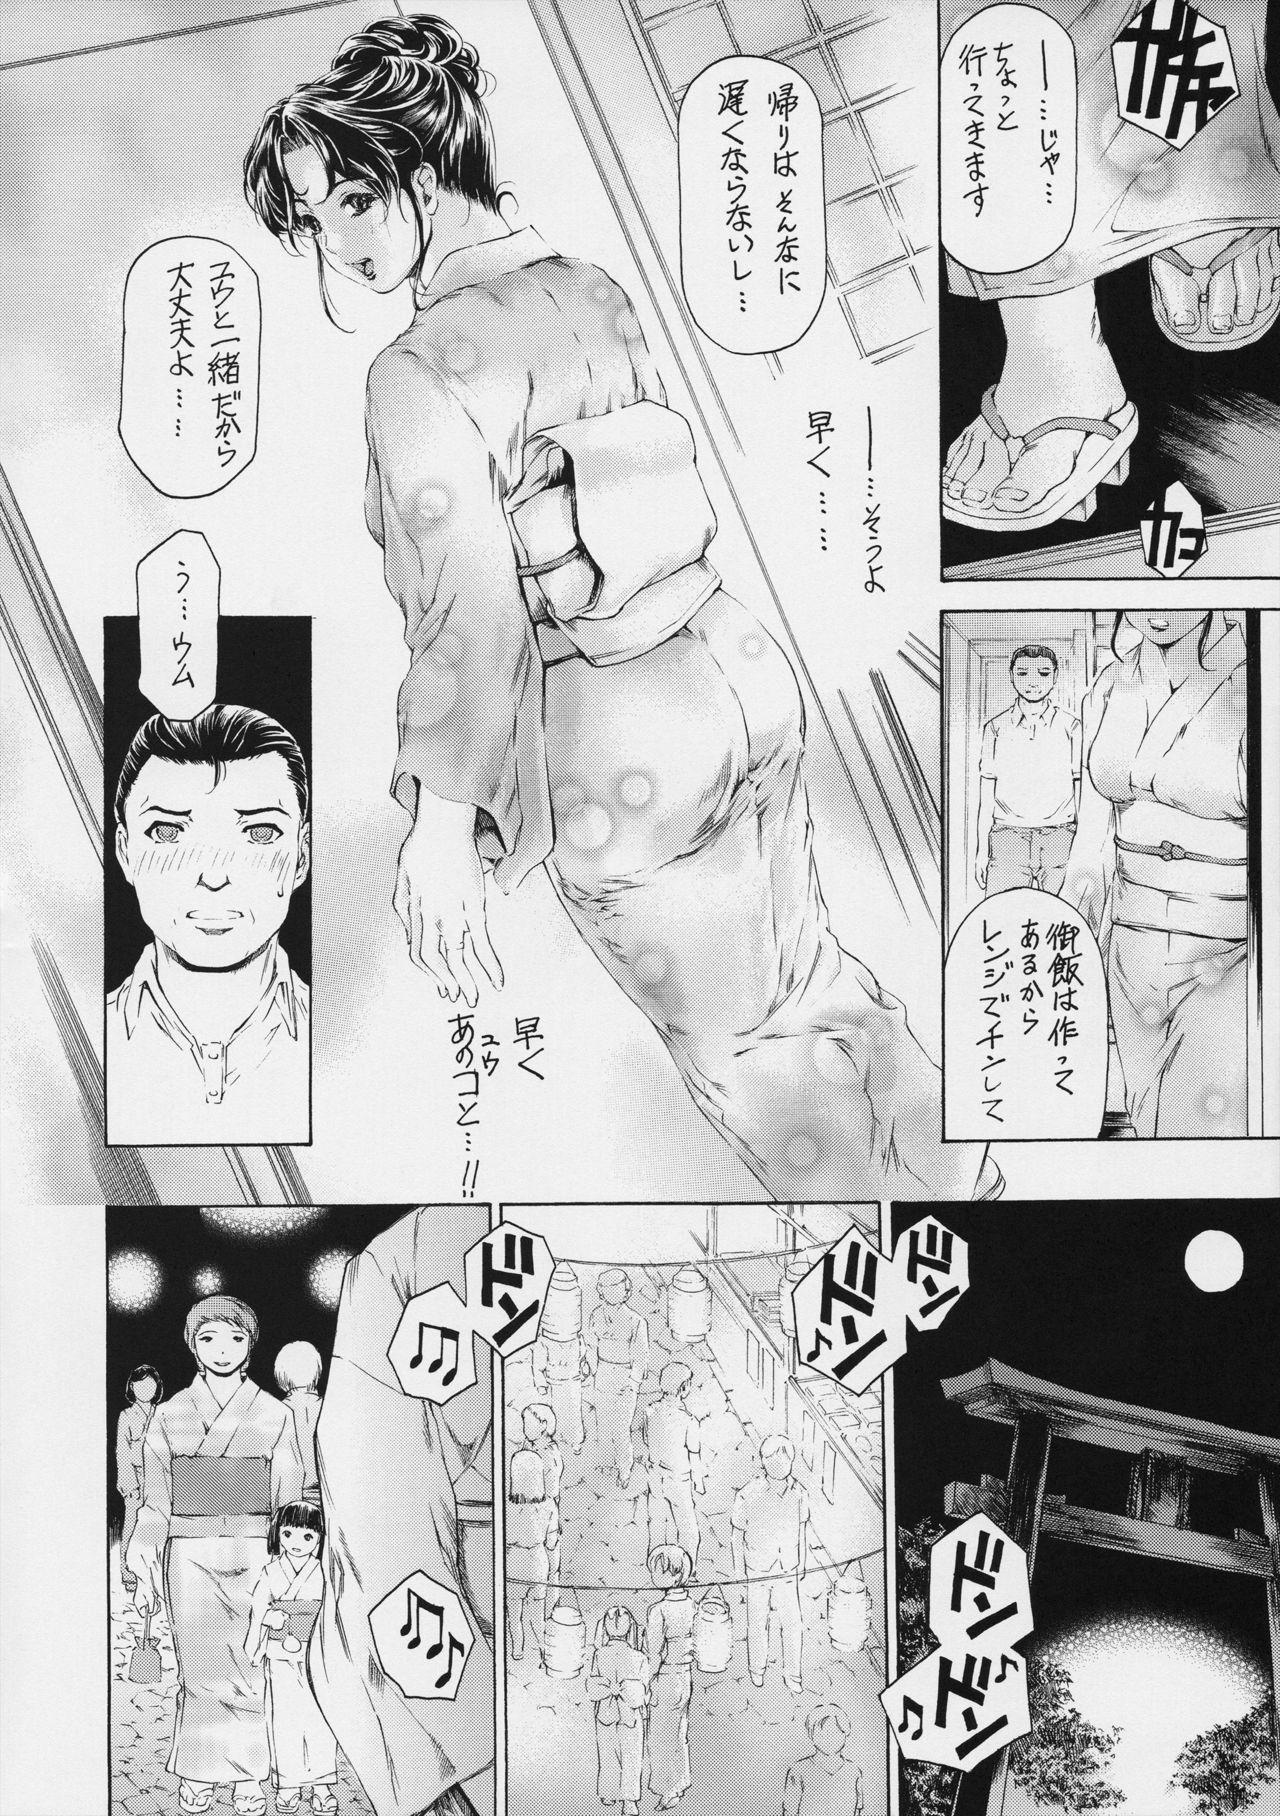 (COMIC1☆11) [Subesube 1kg (Narita Kyousha)] 9-Ji Kara 5-ji Made no Koibito Dai 9 wa - Nine to Five Lover 7